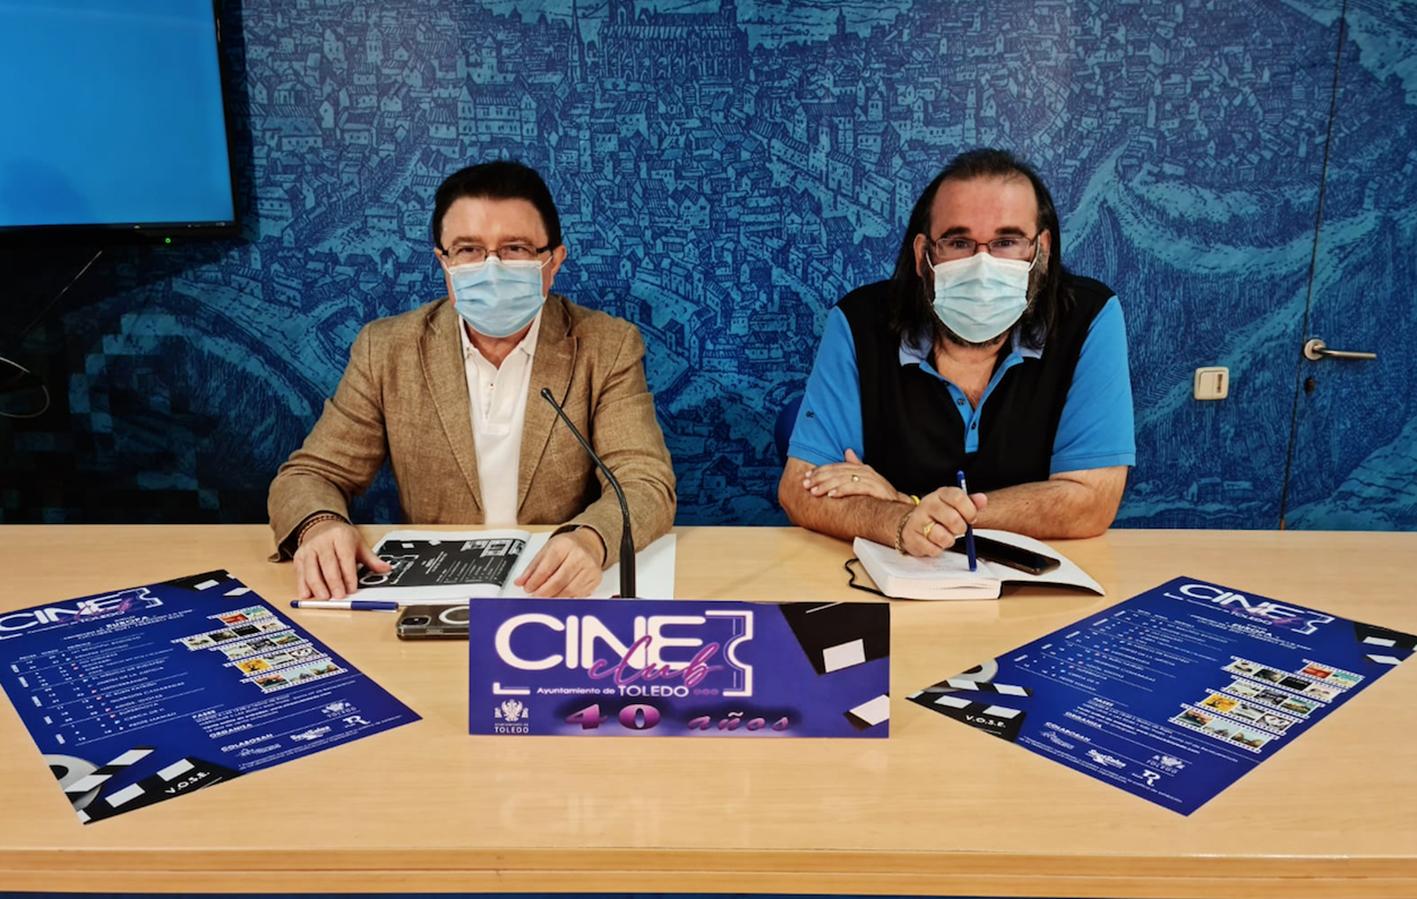 El concejal Teo García junto al director del cine club, Gabriel Castaño.